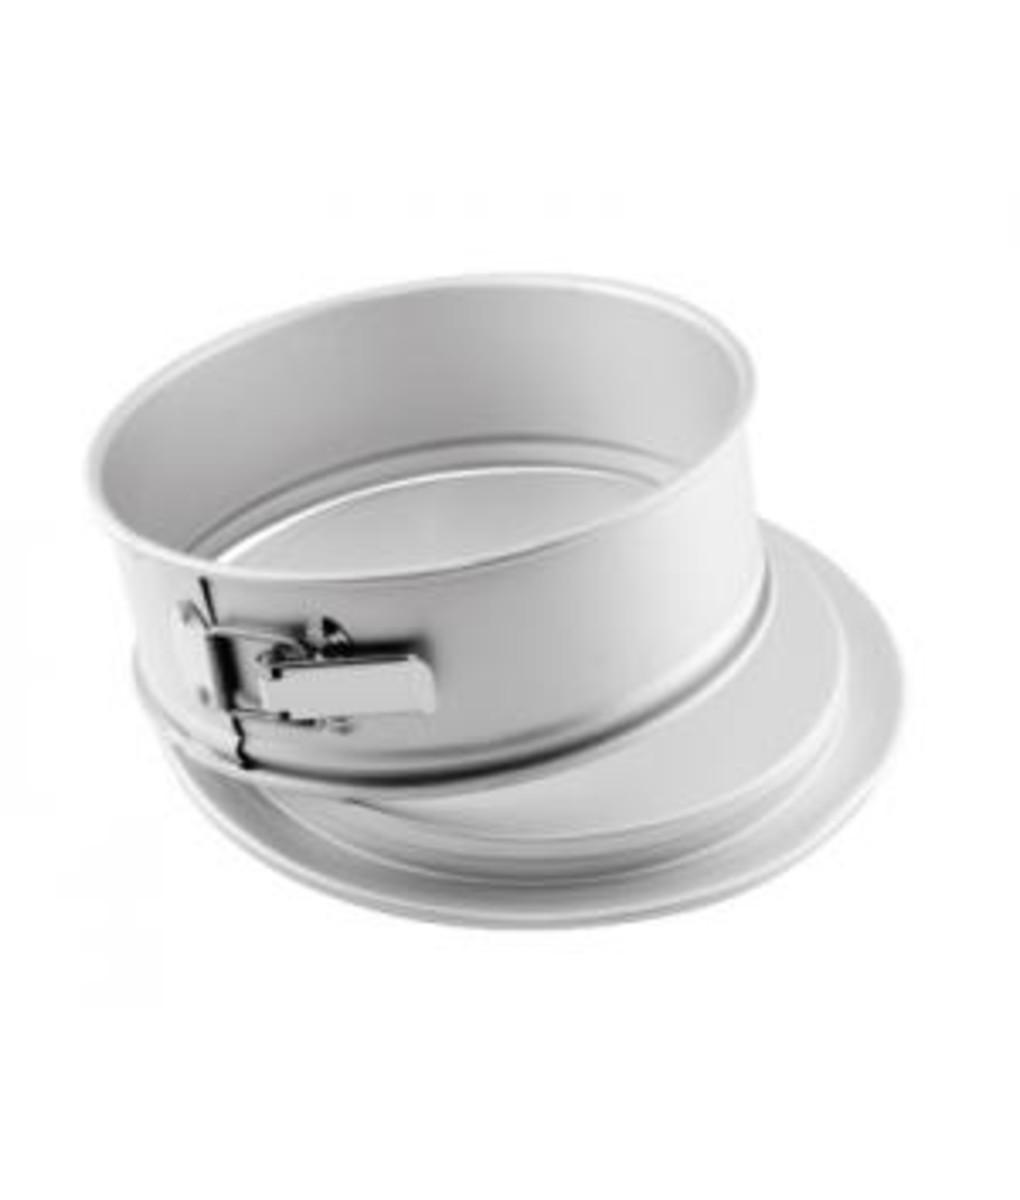 Round Springform Cake Tin by Mondo Pro 20x7.5cm